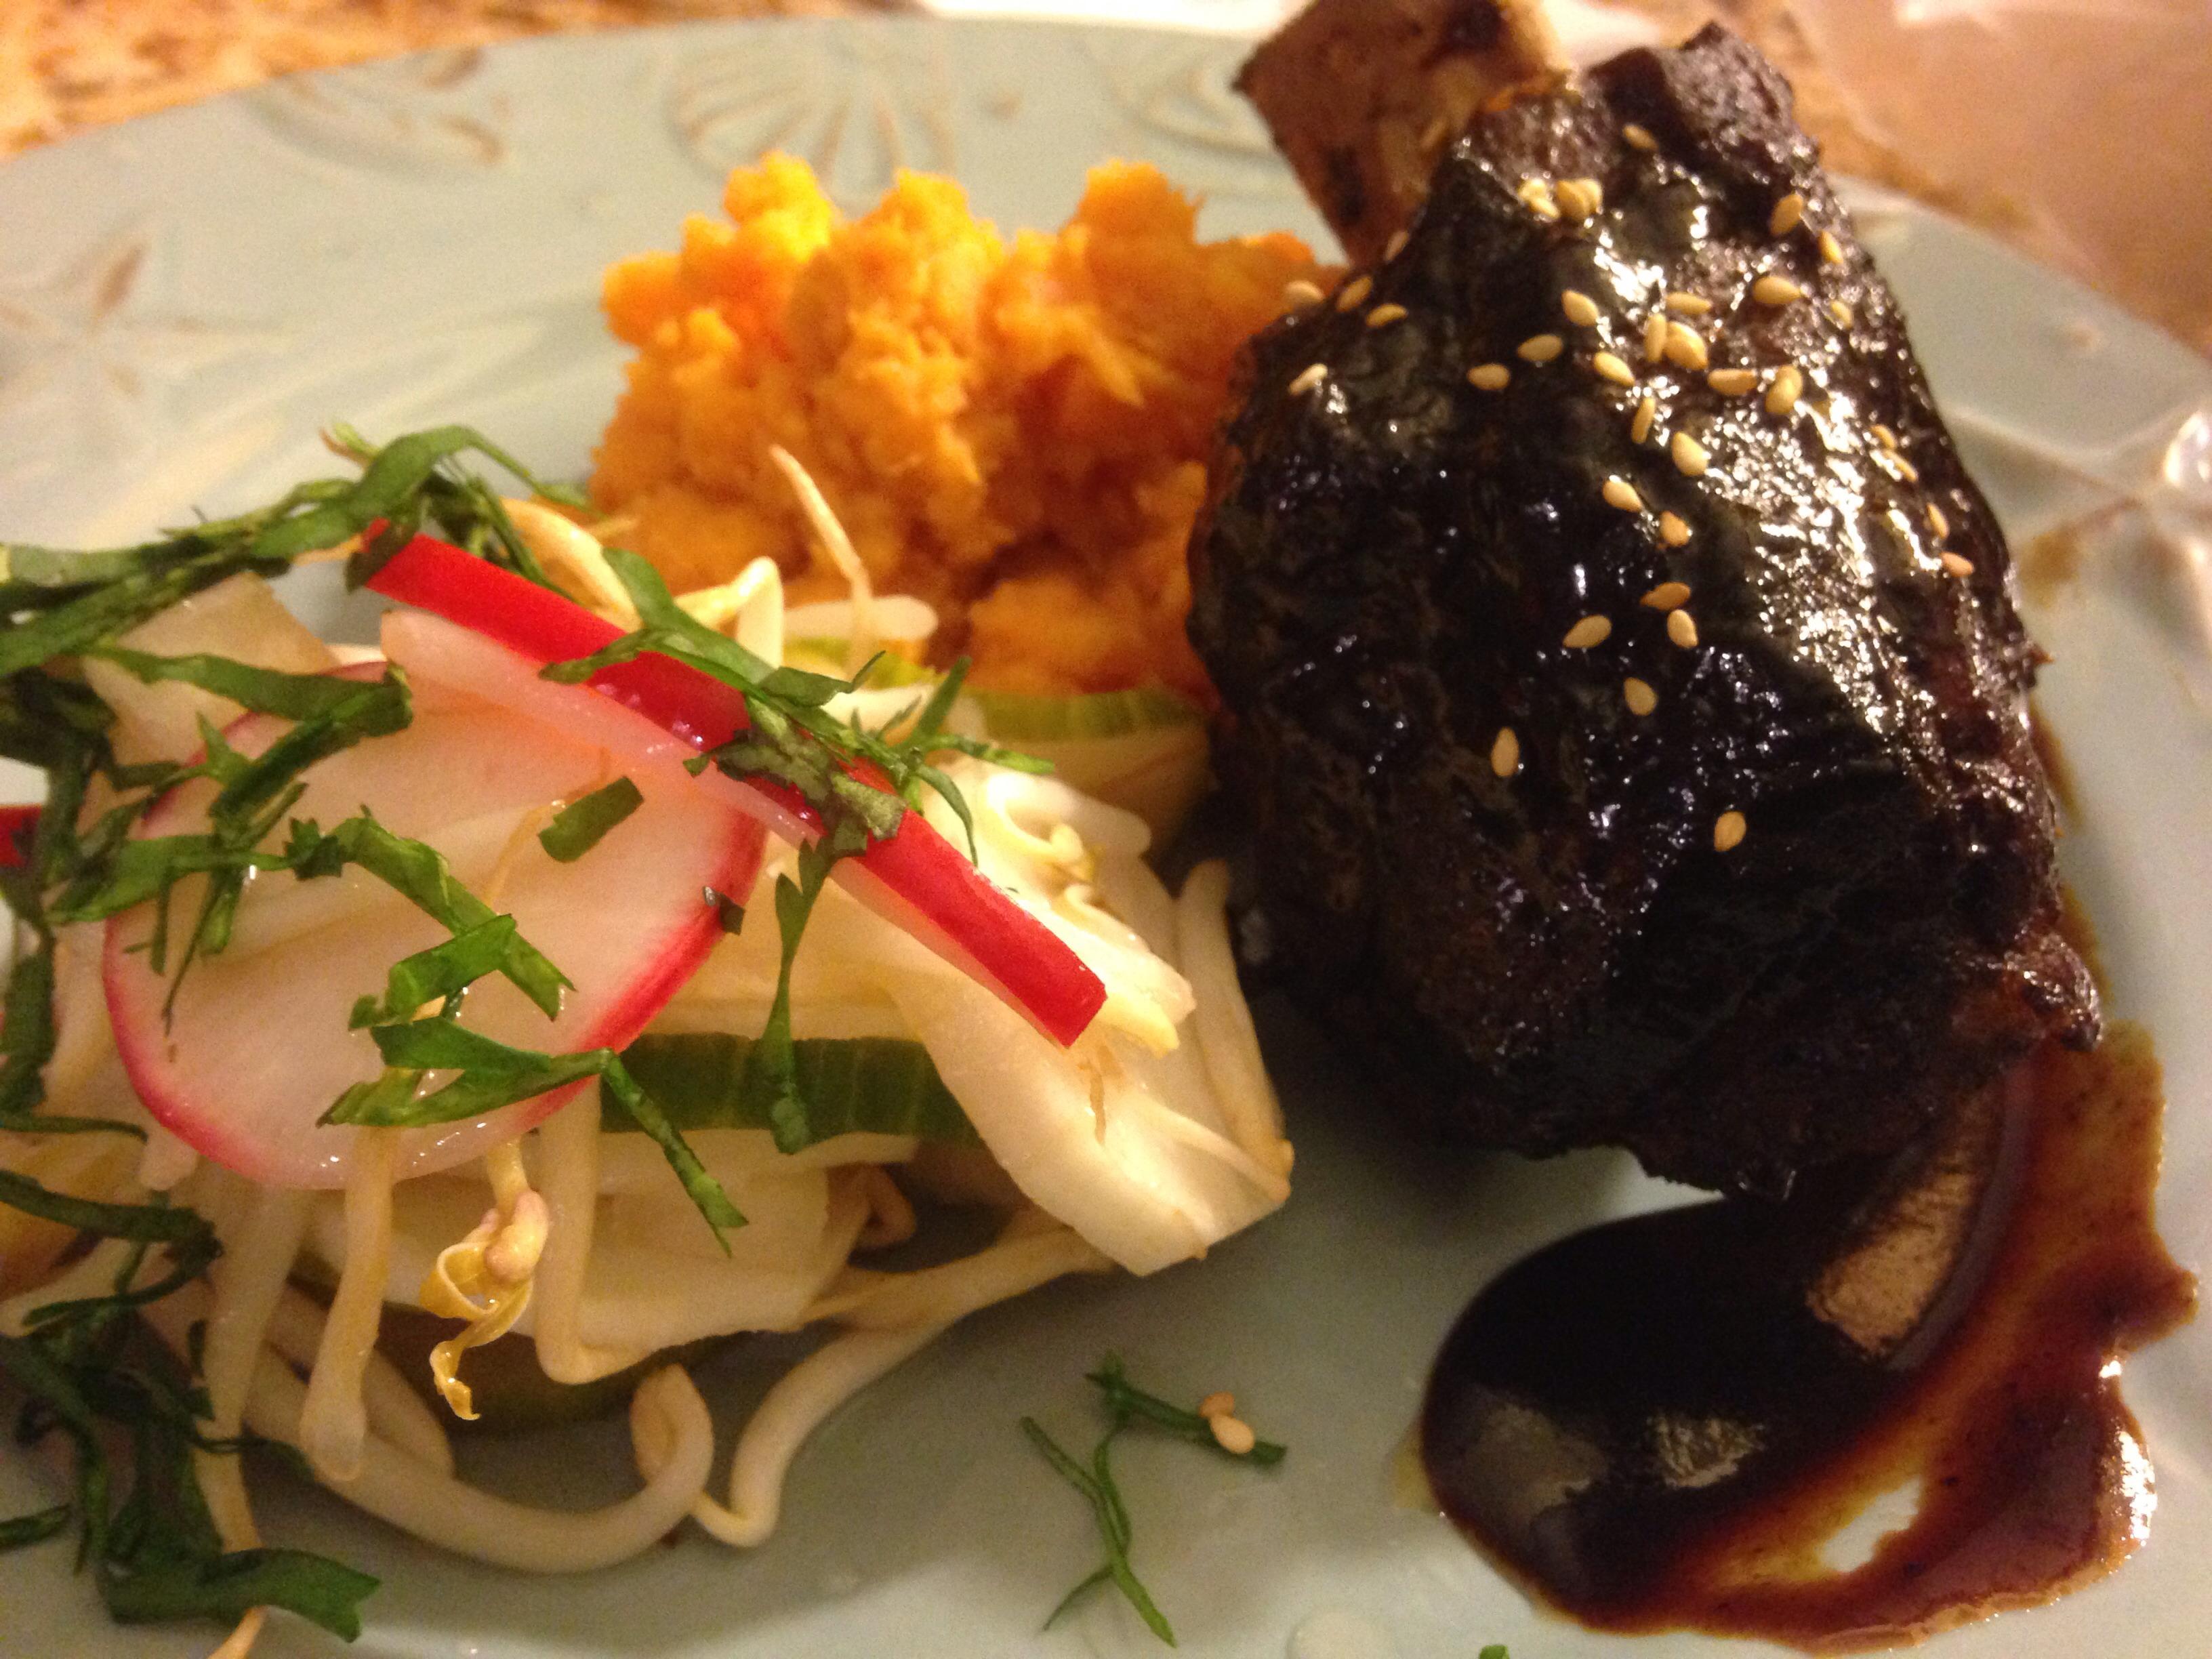 Hoisin Glazed Short Ribs with Asian Pickled Veg